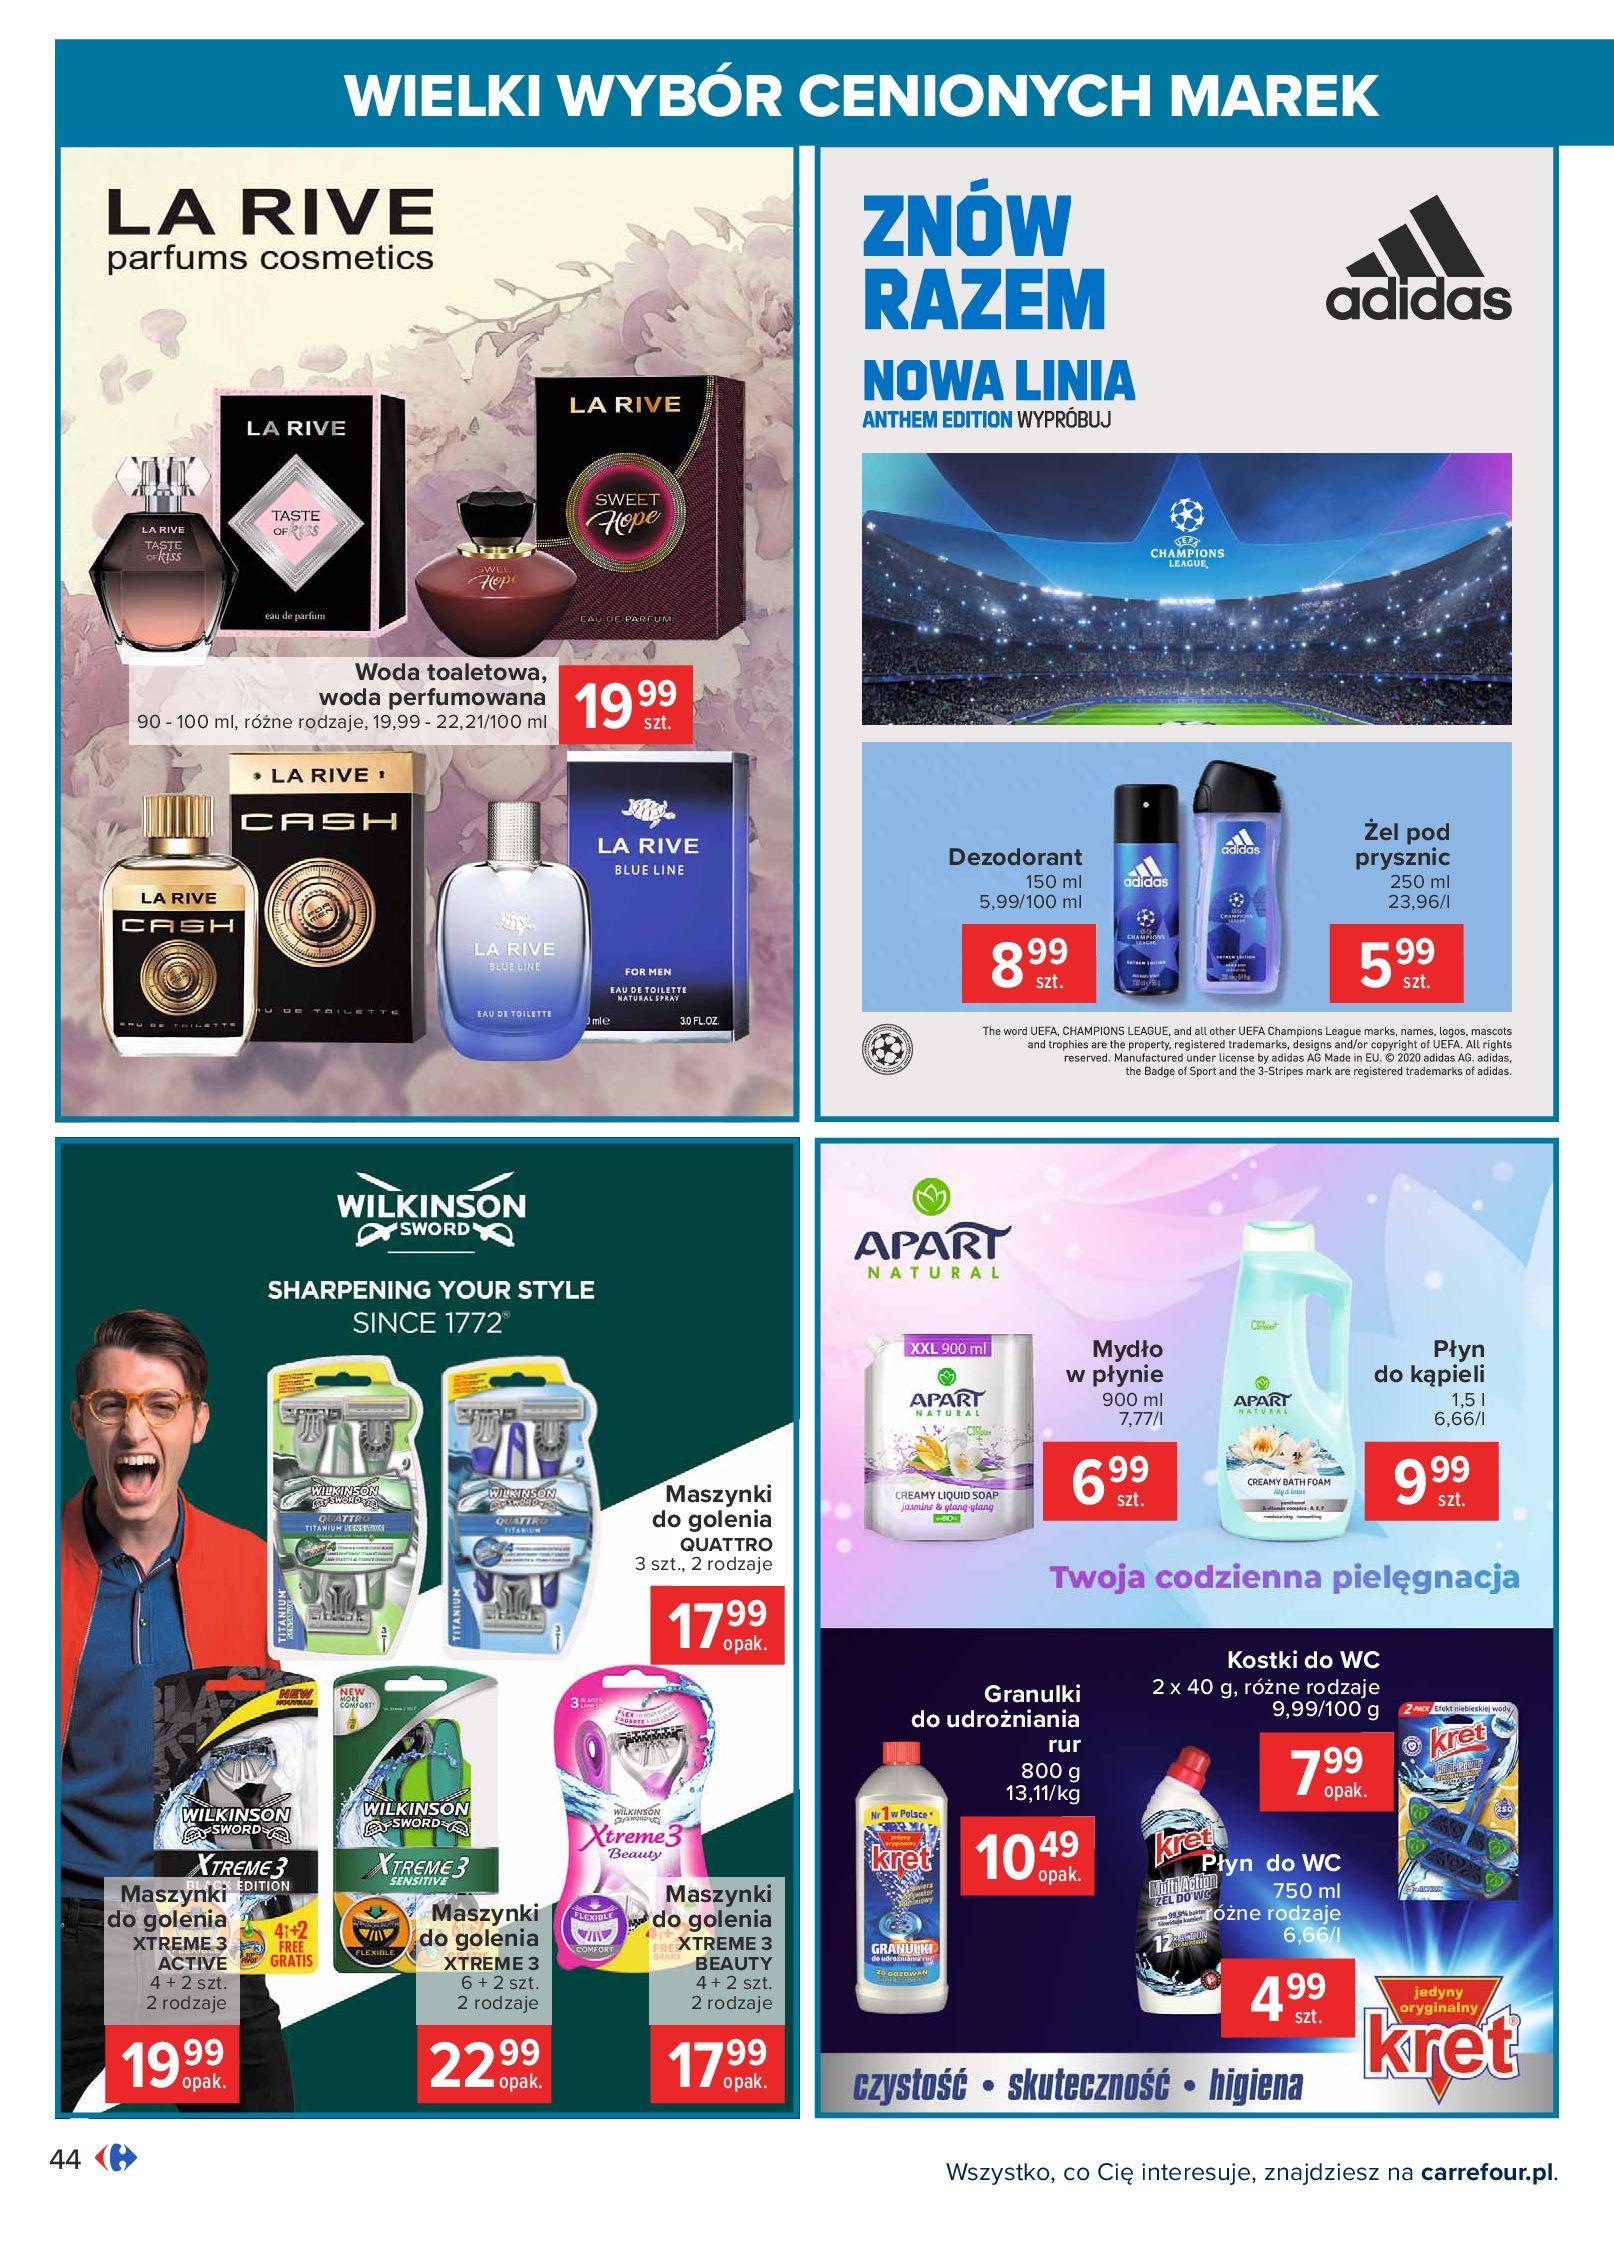 Gazetka Carrefour: Wielki wybór cenionych marek 2021-05-04 page-44